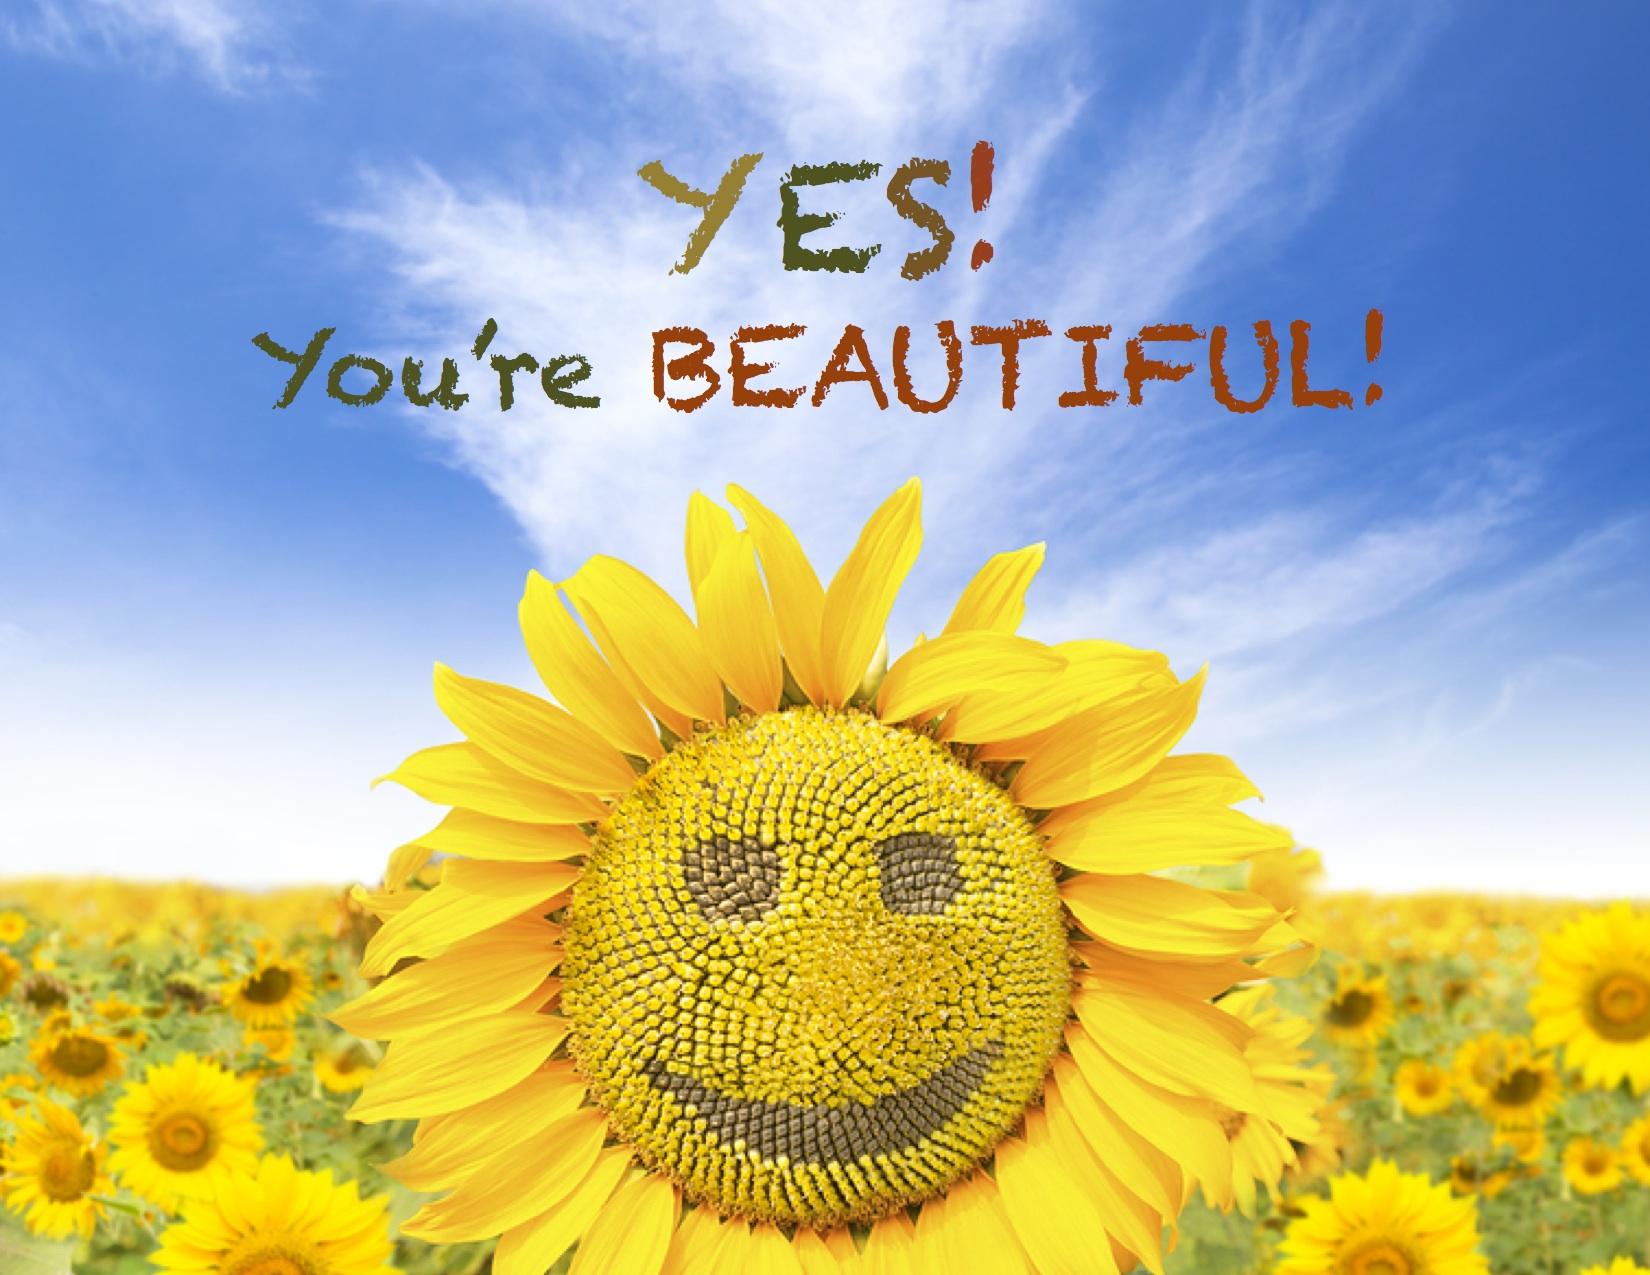 You Re Beautiful